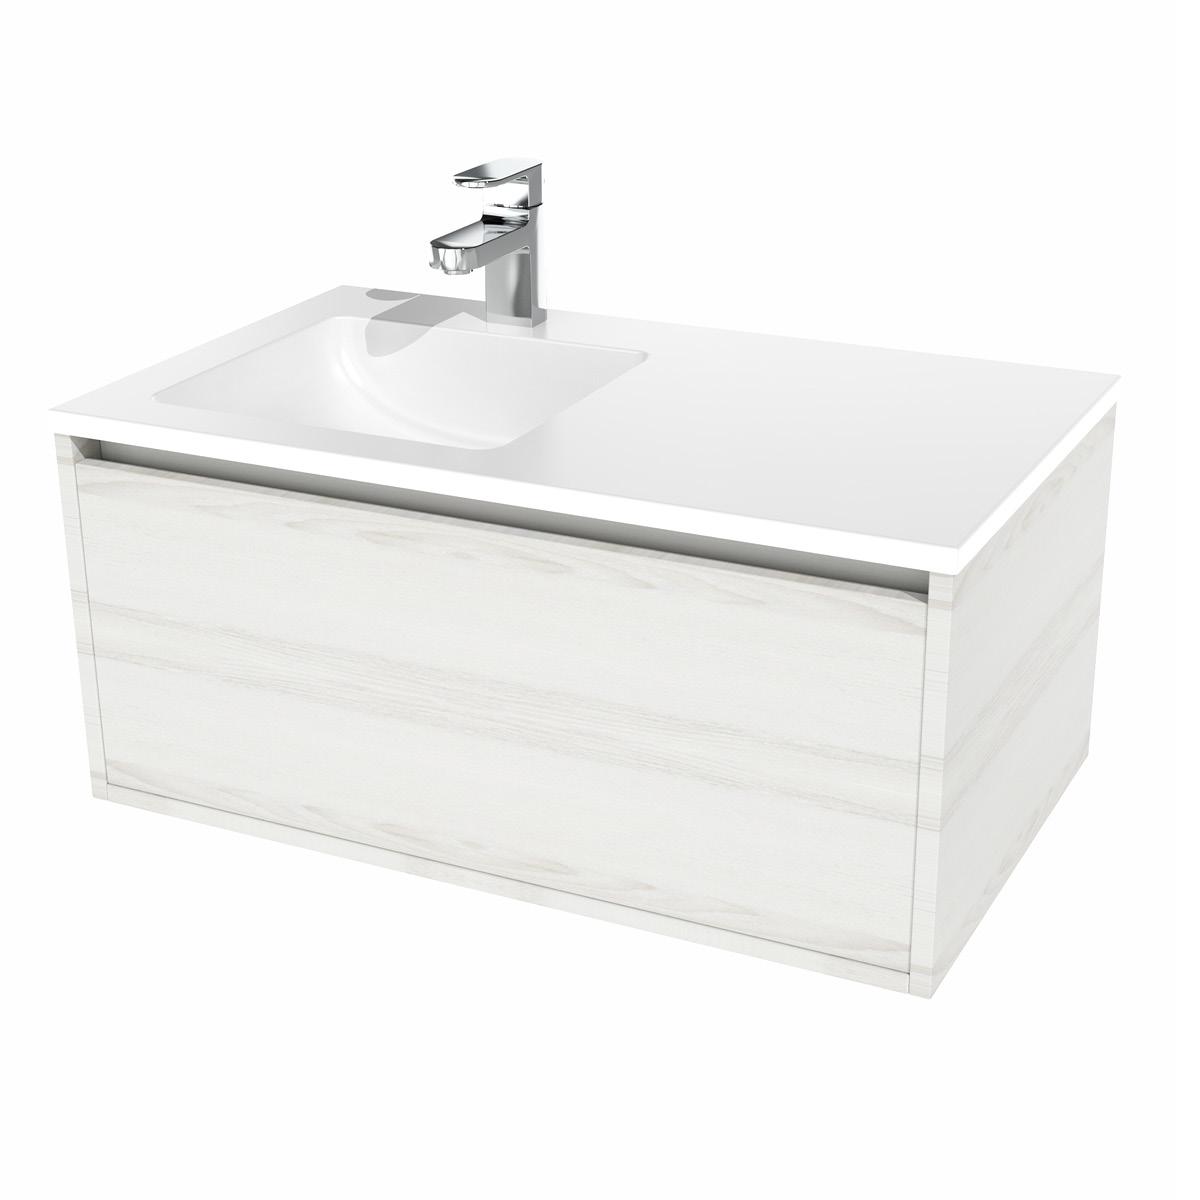 Bern Waschtisch-Set 80 cm Eiche grau